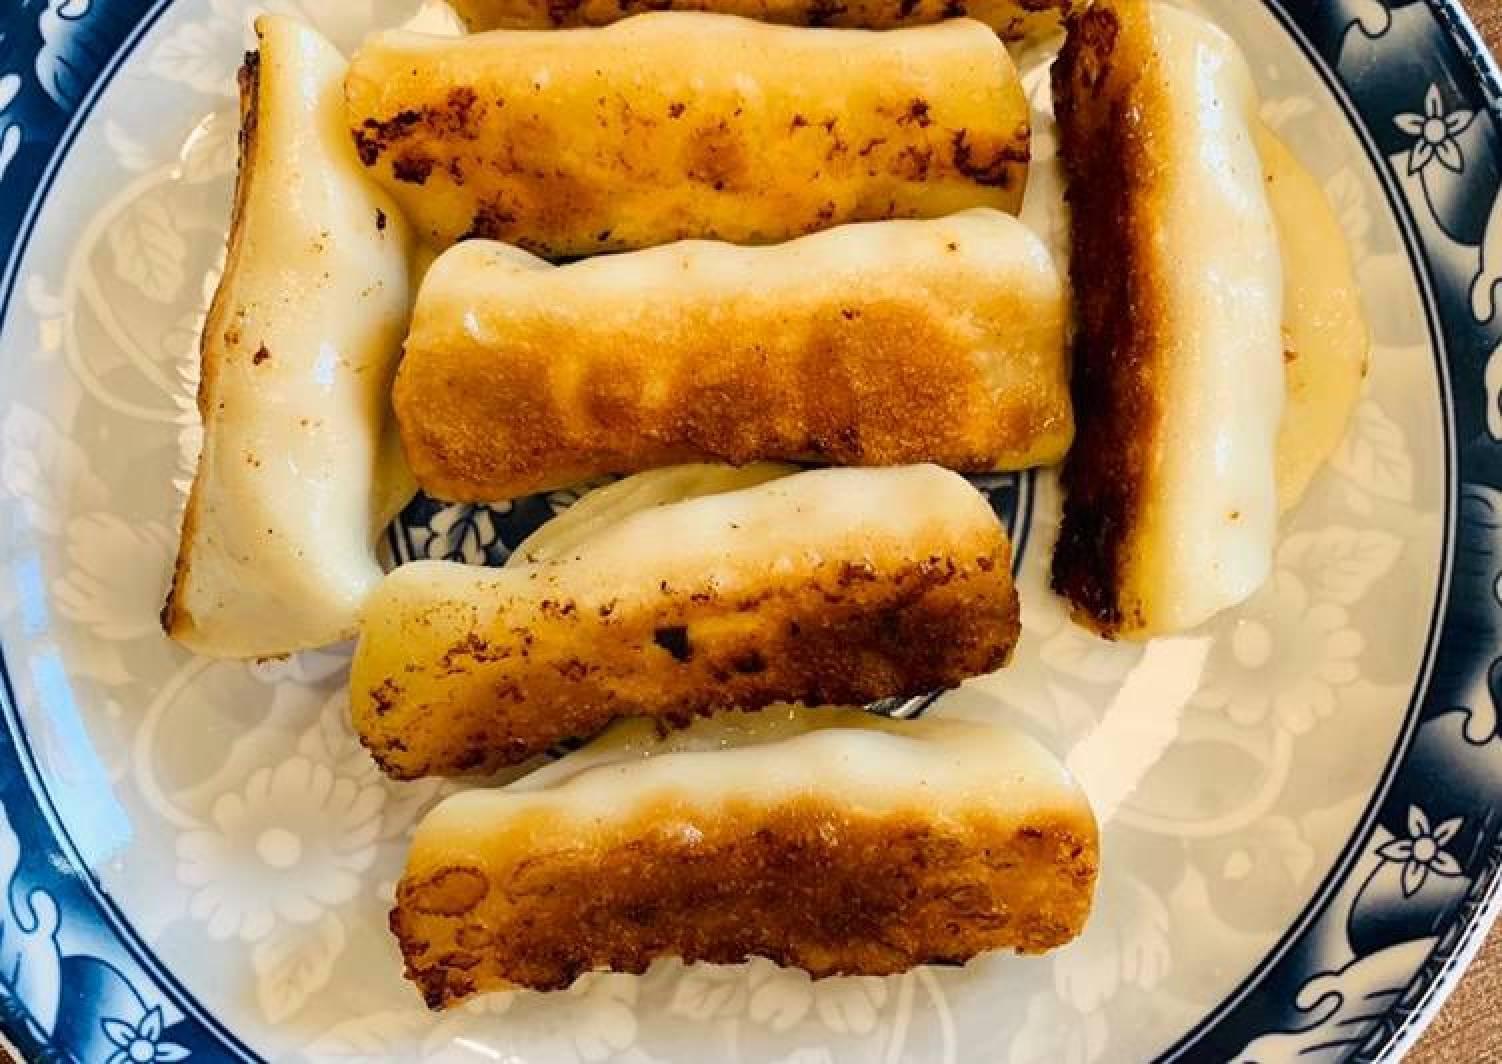 Guo Tie (Chinese pan fired dumplings)